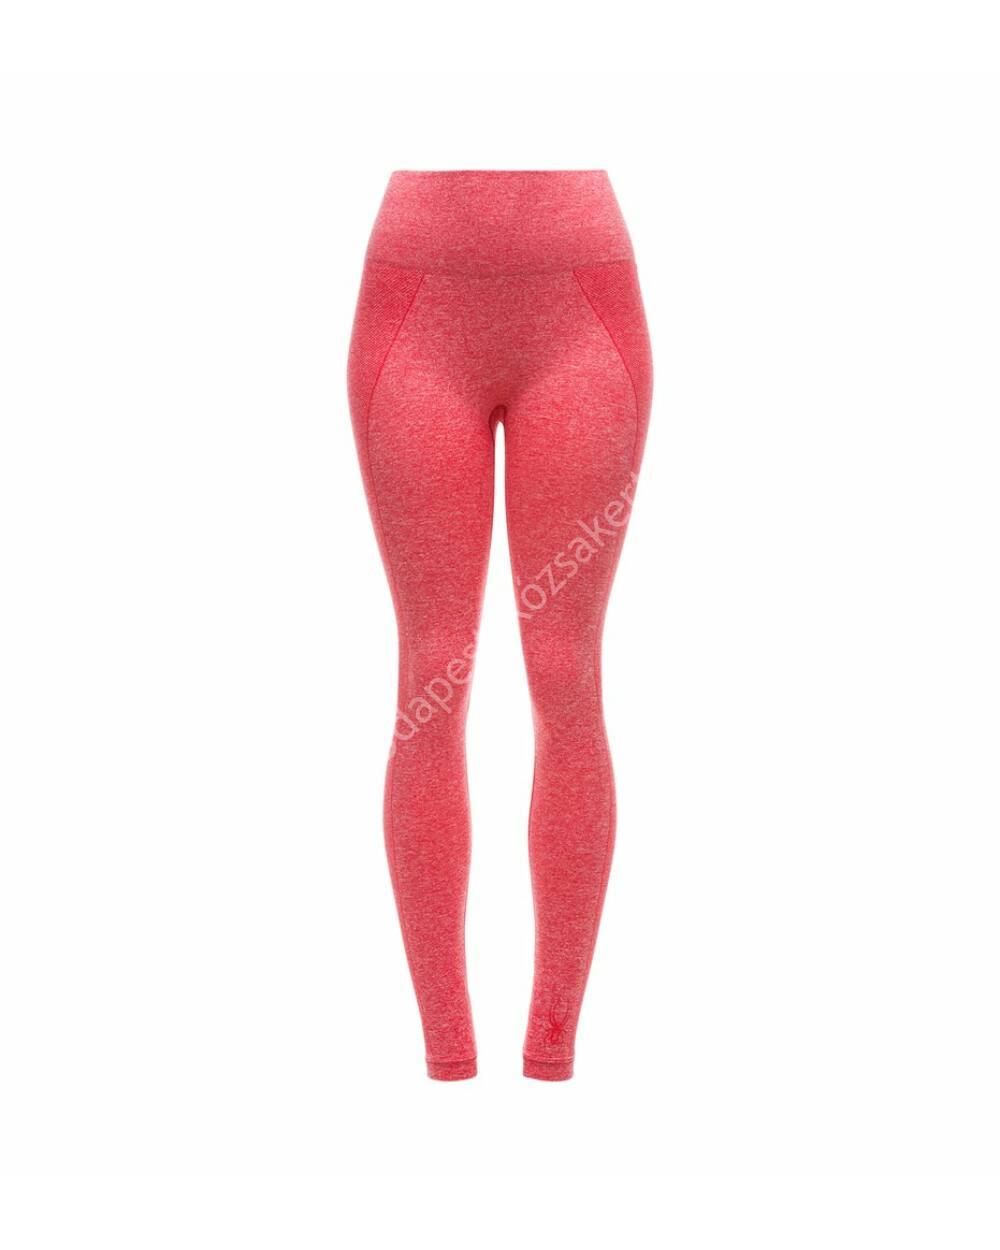 Spyder Runner női aláöltöző nadrág, pink, XS/S